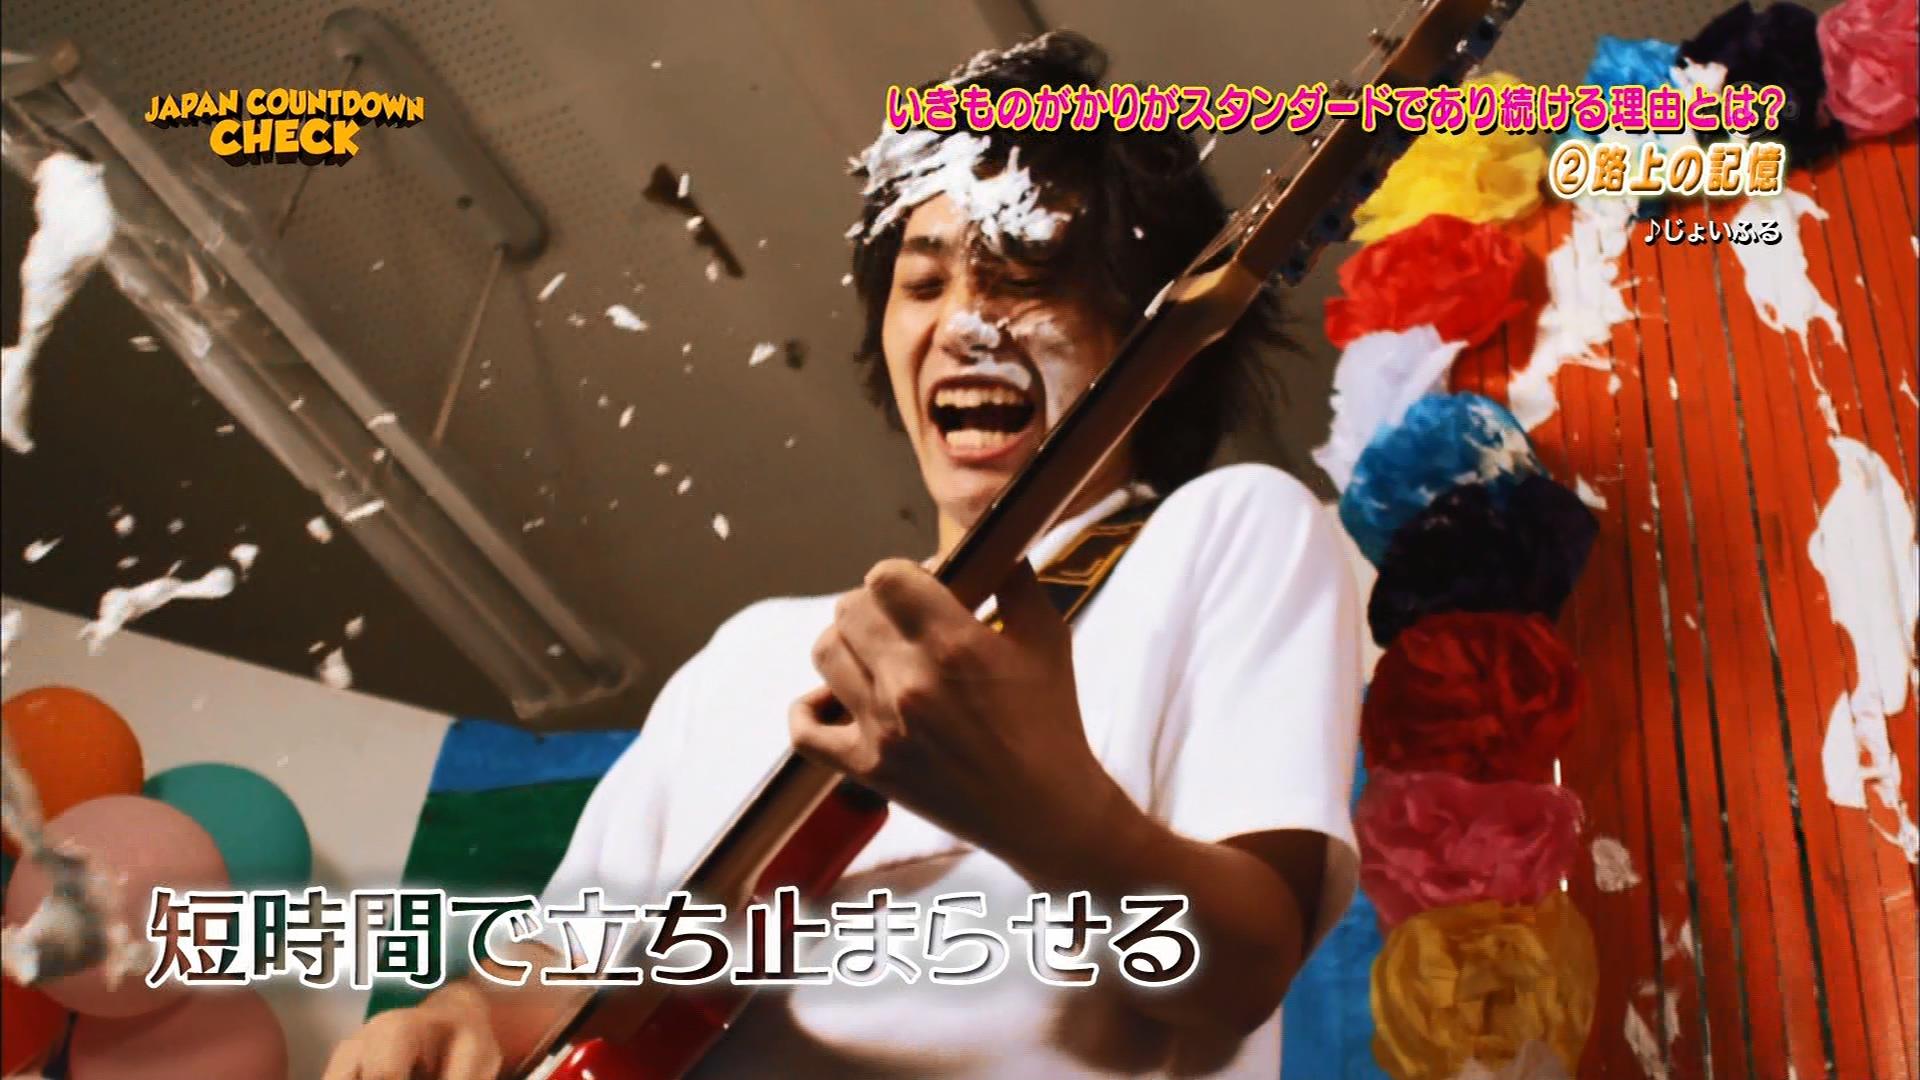 2016.03.20 いきものがかり - 10年たっても私たちはいきものがかりが大好き!日本のスタンダードであり続ける理由(JAPAN COUNTDOWN).ts_20160320_104007.078